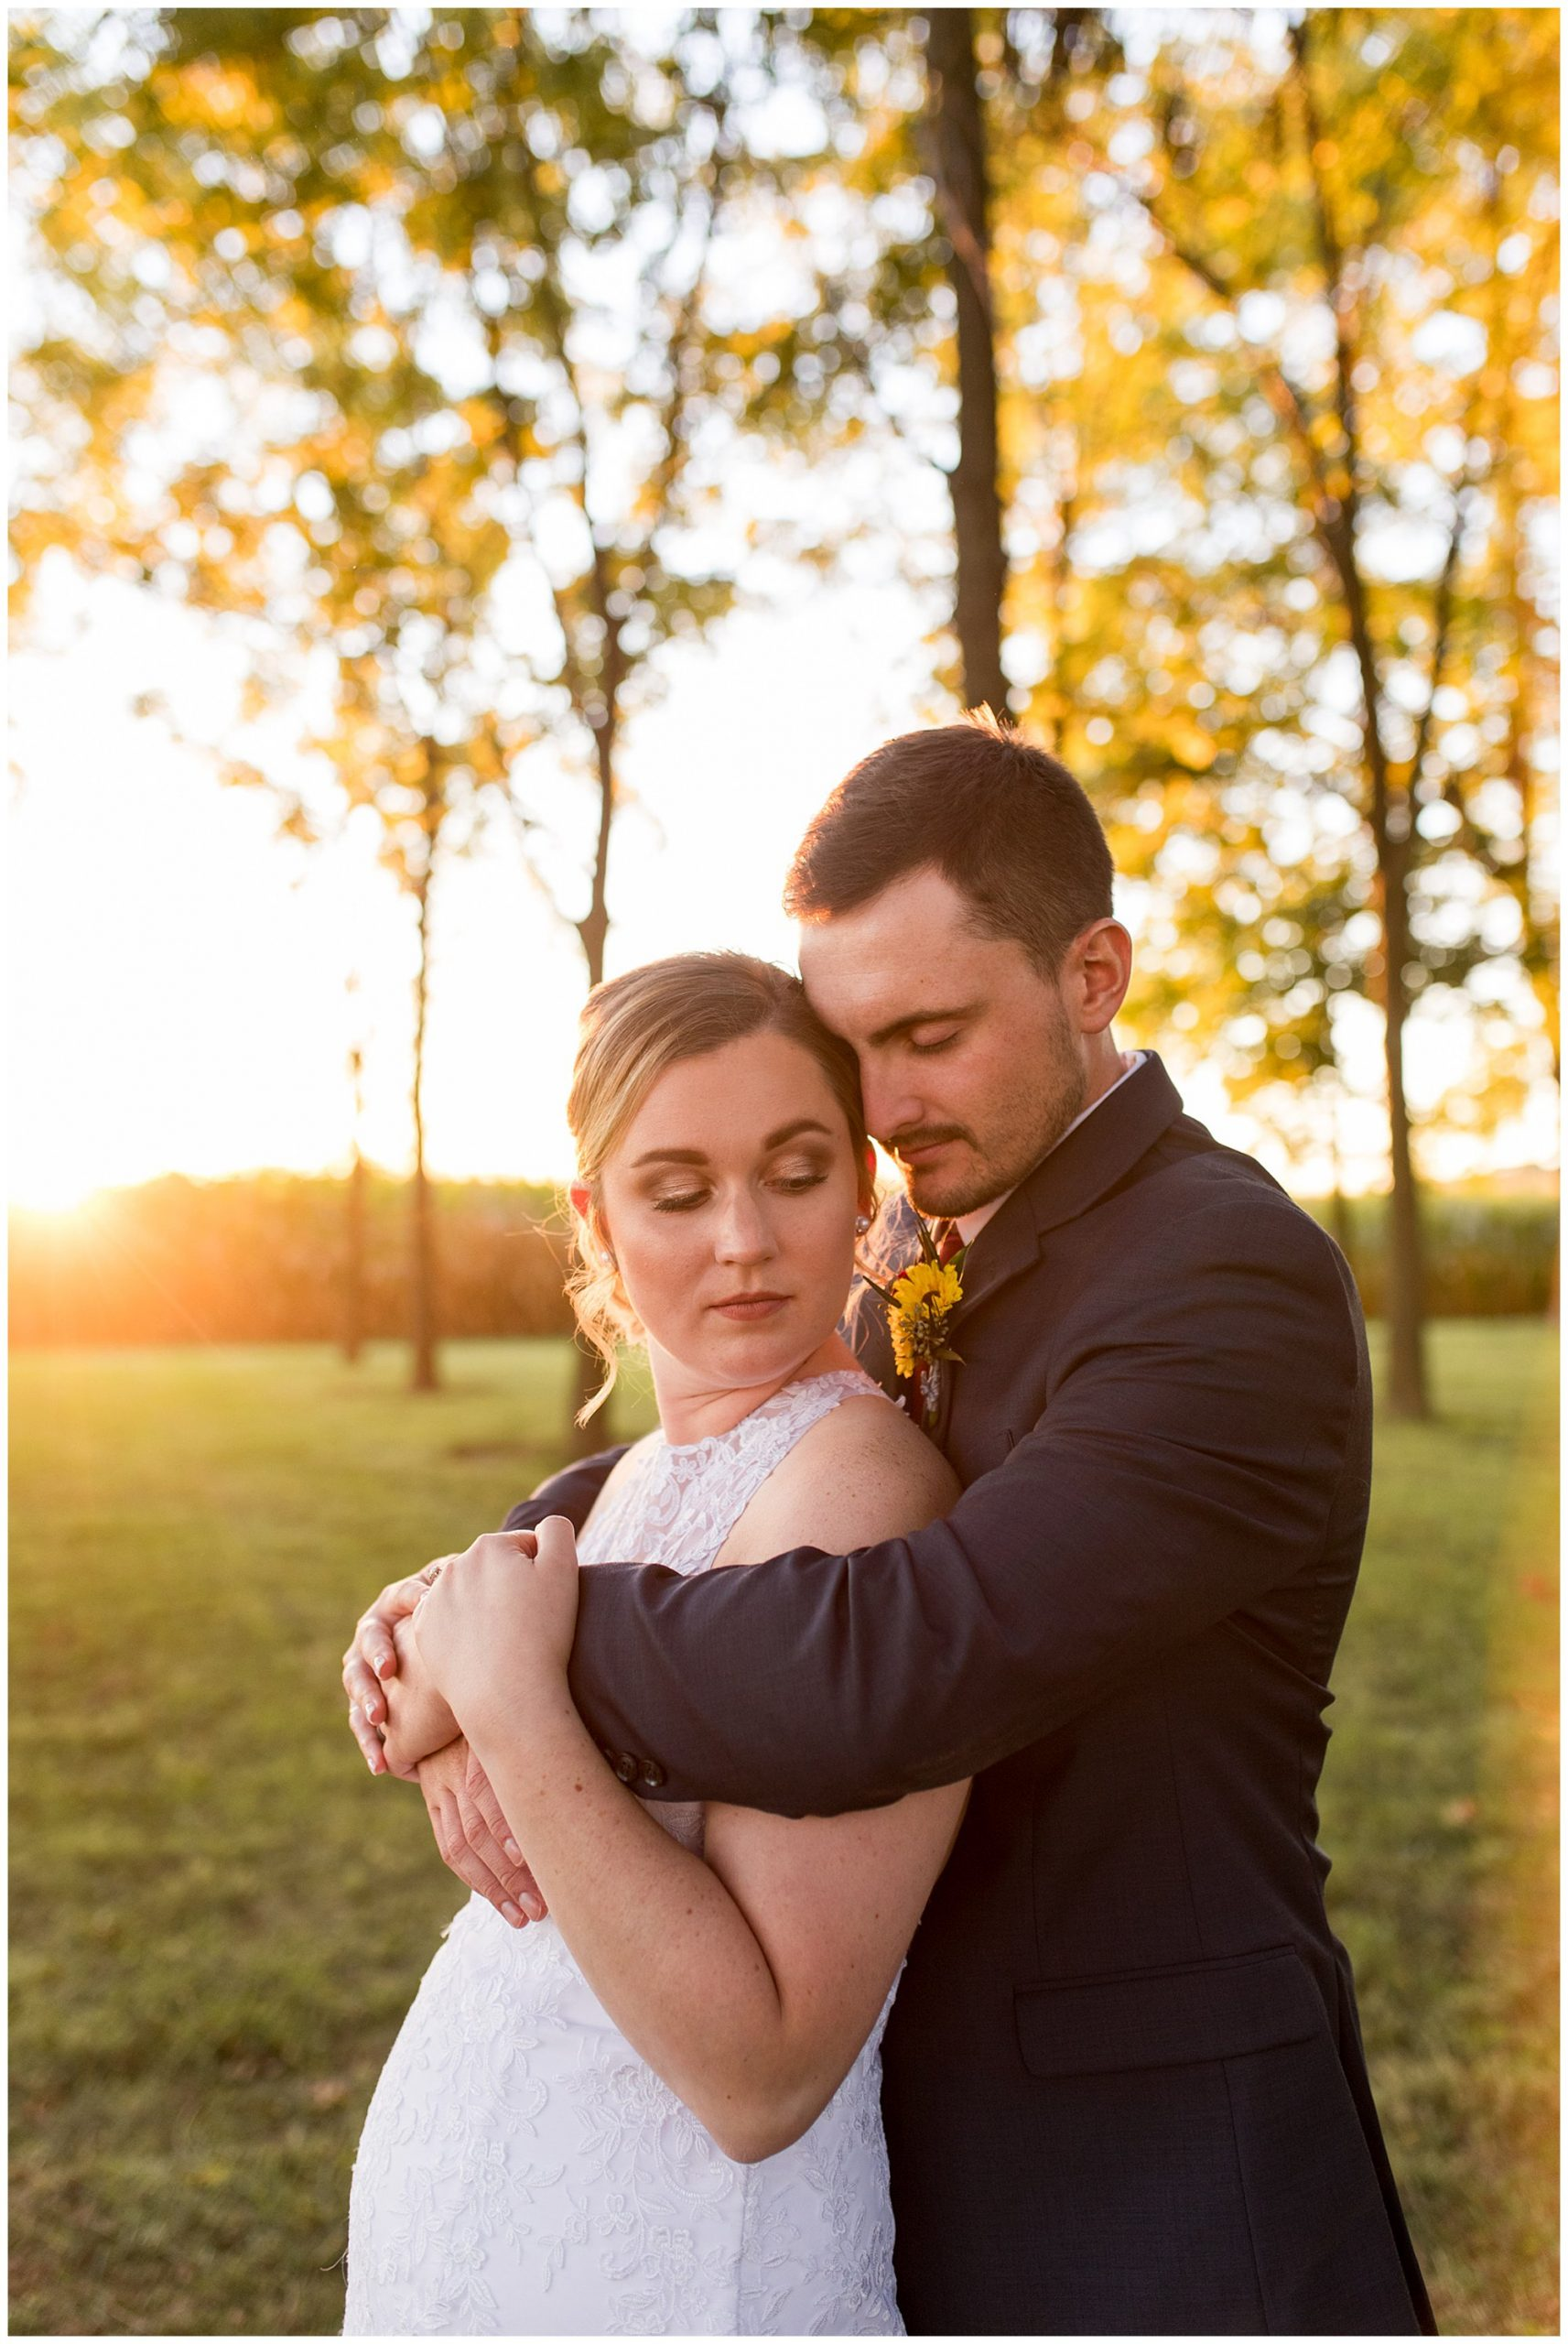 bride and groom wedding photos at sunset at Legacy Barn Kokomo